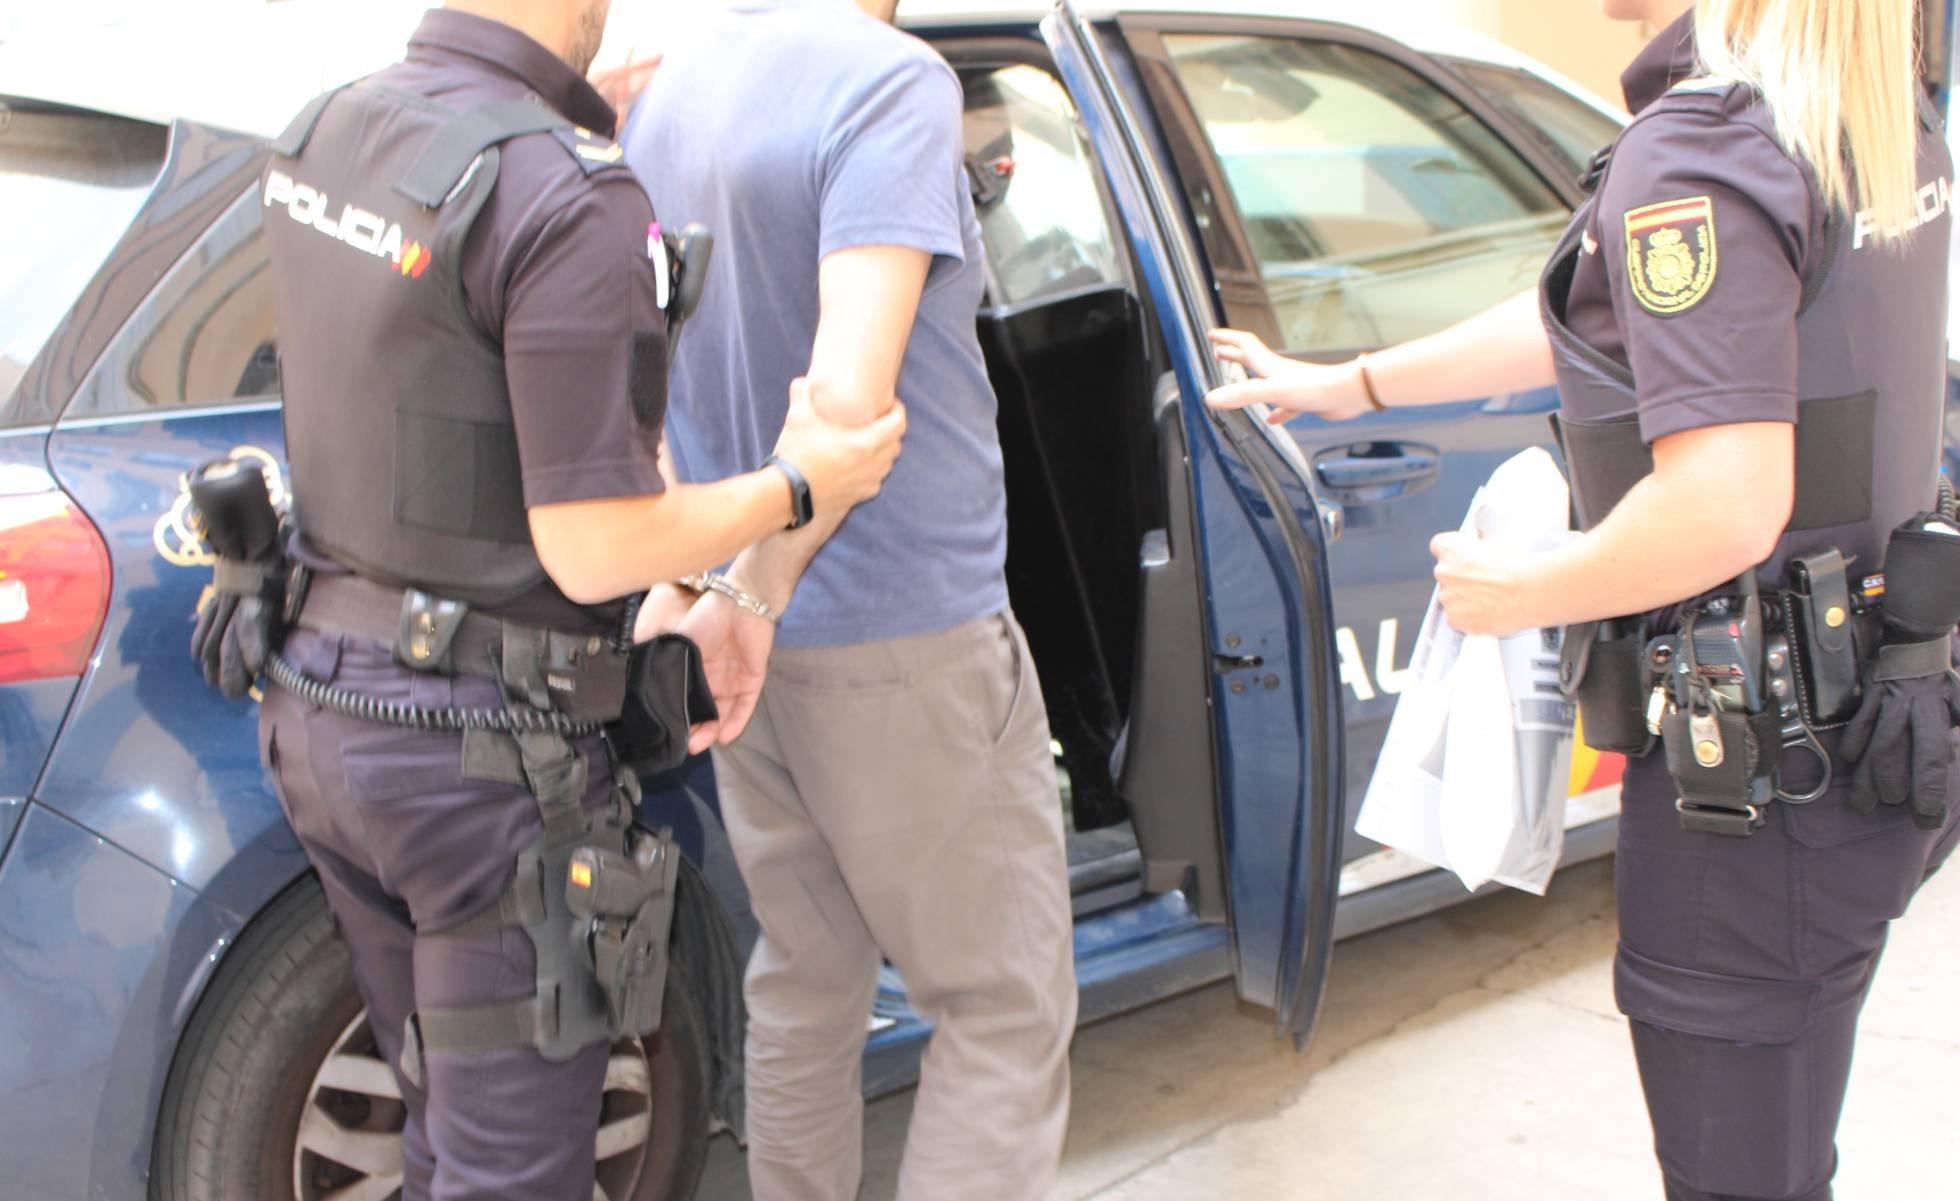 Odio: Detenido en Barcelona un hombre por vejar e incitar al odio contra una profesora de Marruecos | Público